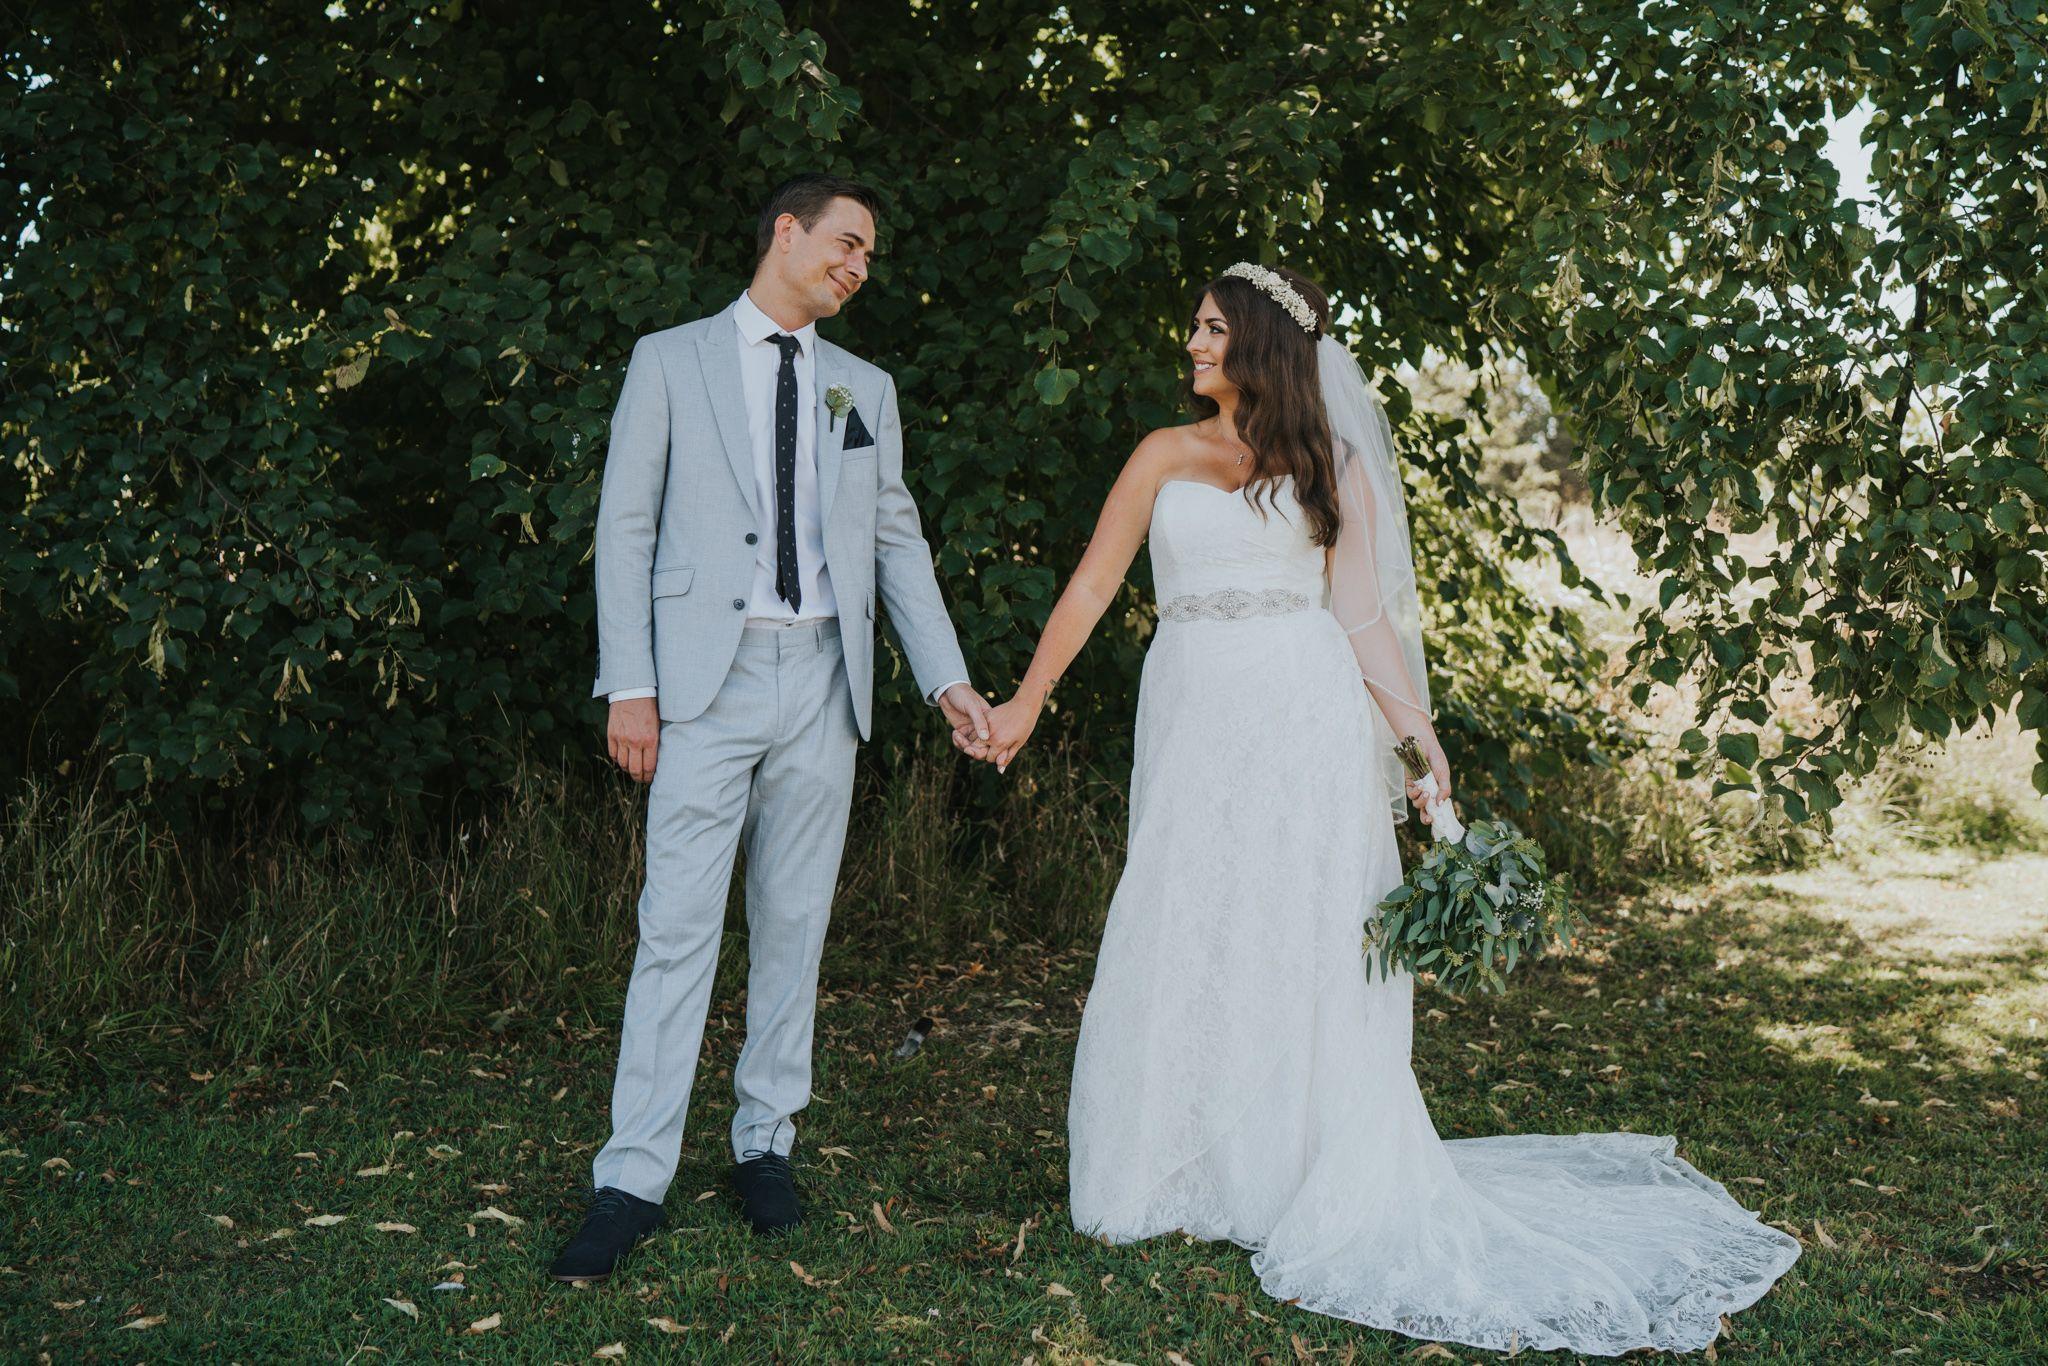 Wedding portraits of boho bride and groom smiling alternative